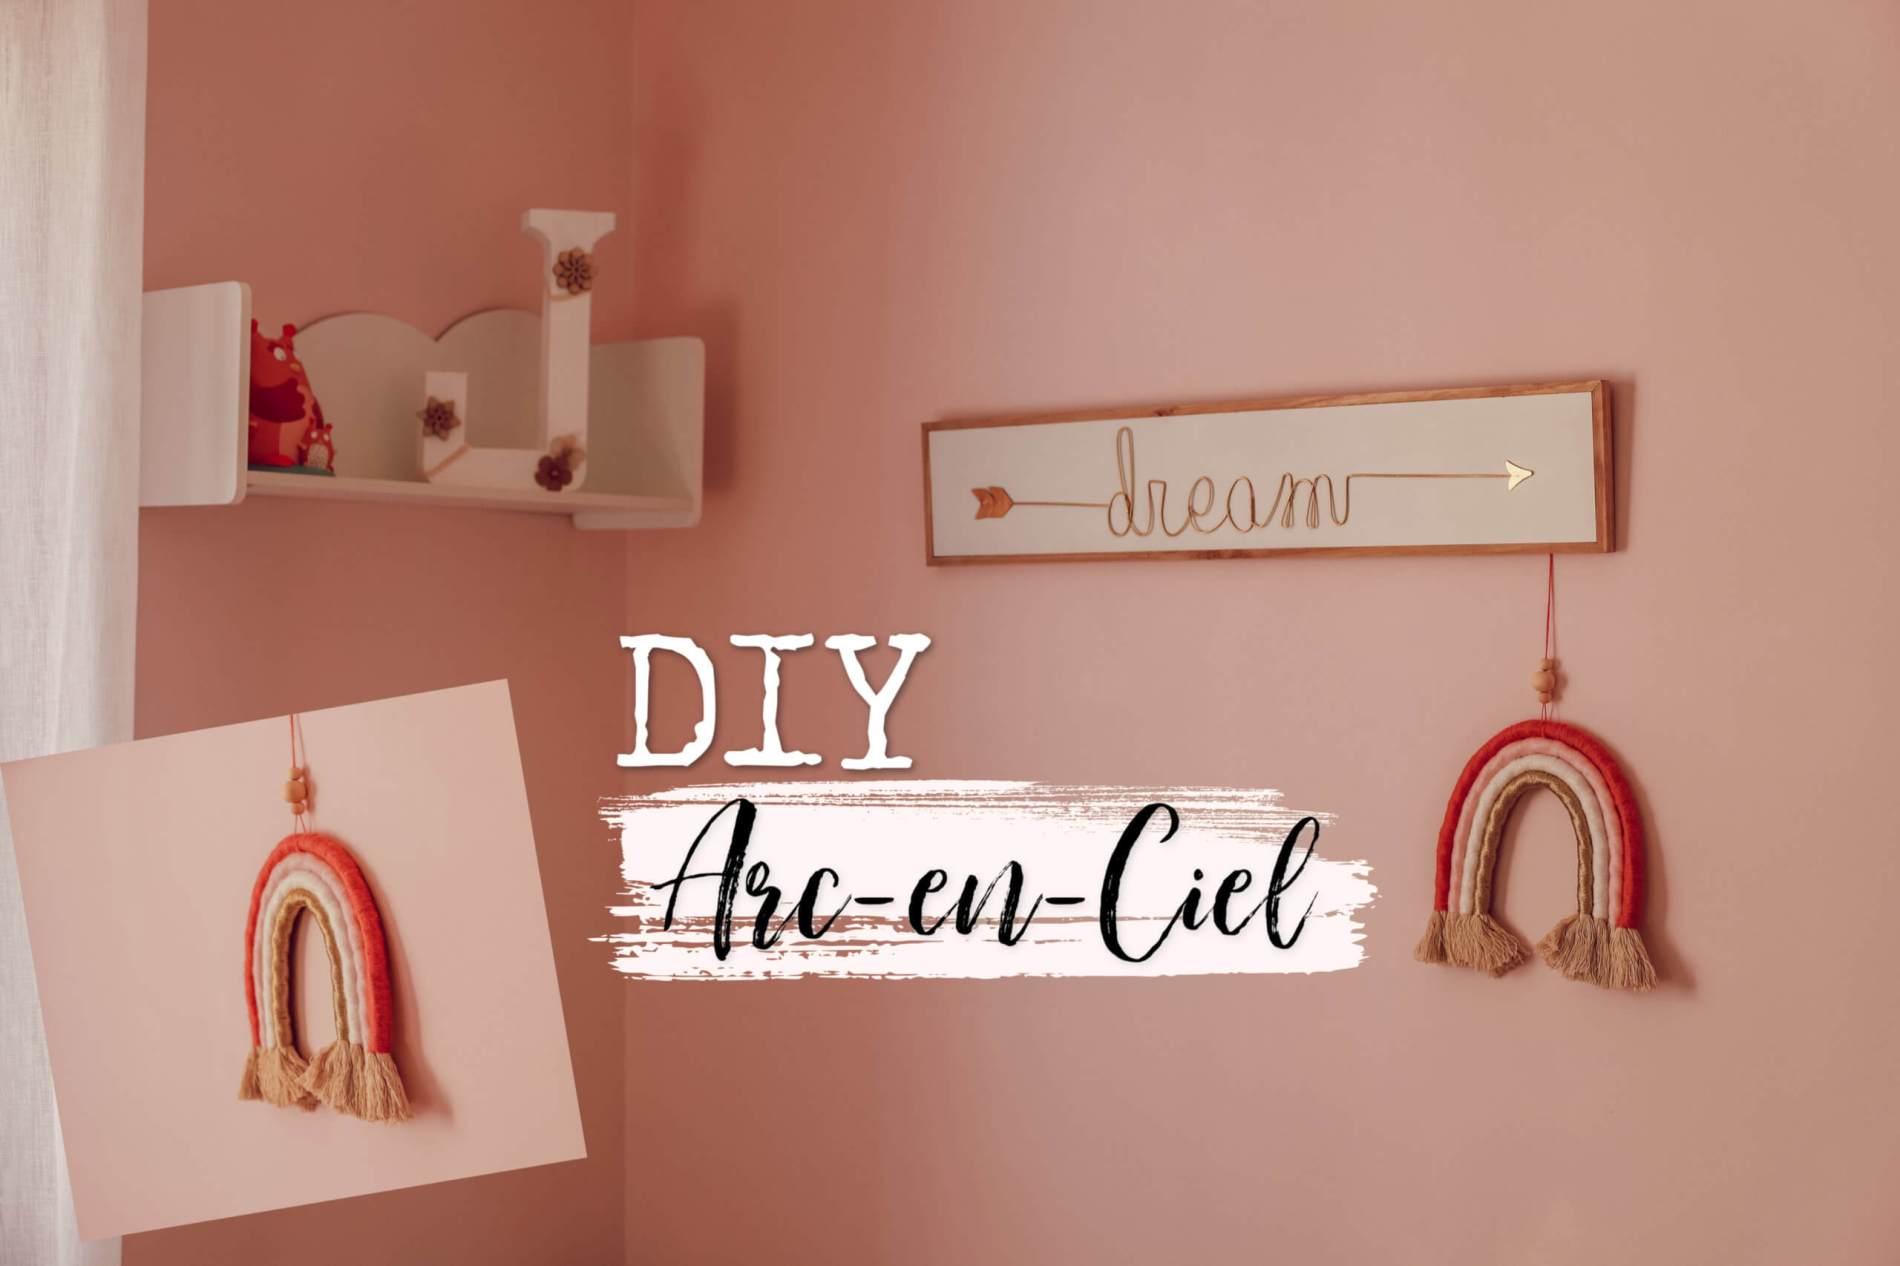 DIY ARC-EN-CIEL